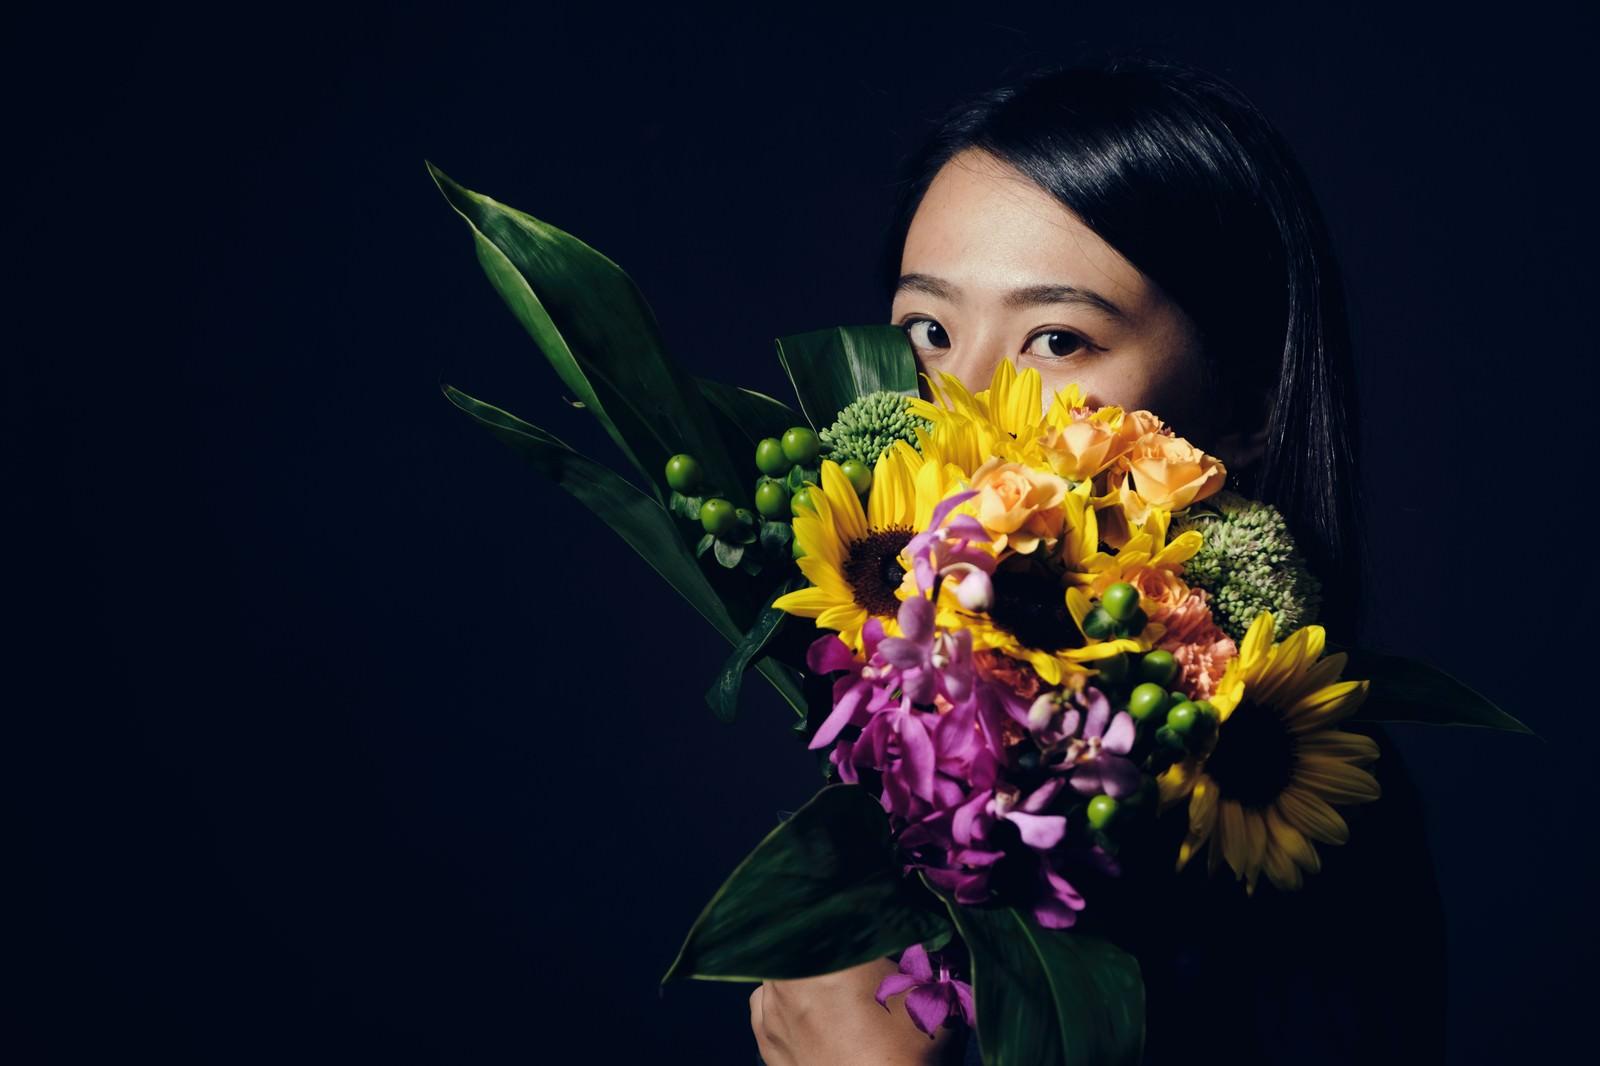 「花束越しの視線」の写真[モデル:Mizuho]